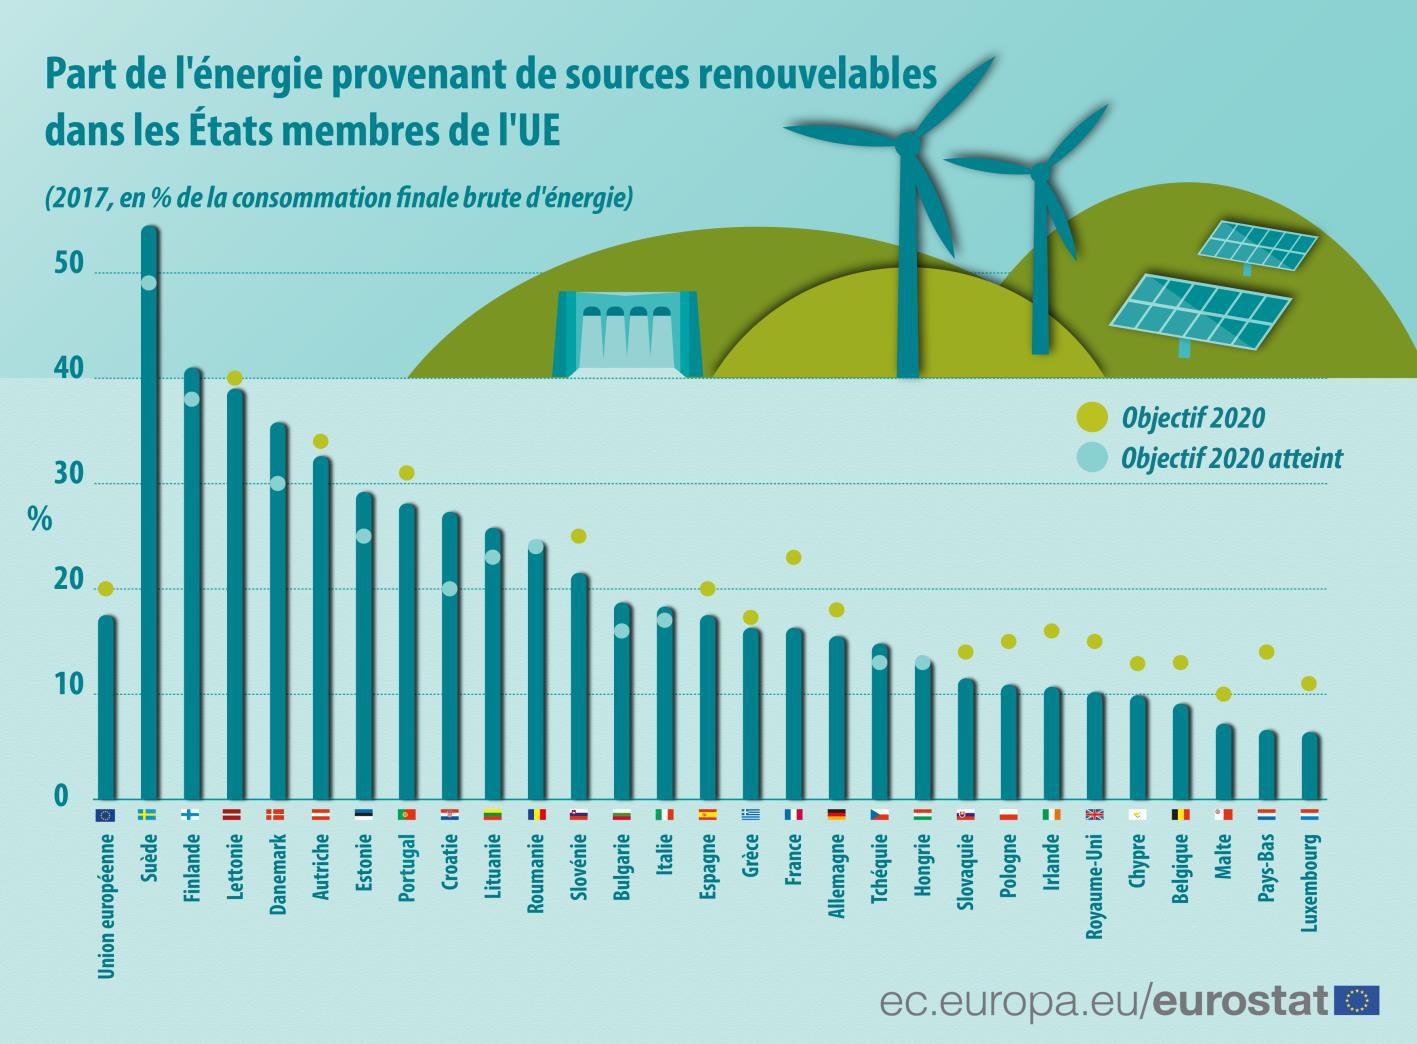 Part de l'énergie provenant de sources renouvelables dans les Etats membres de l'UE